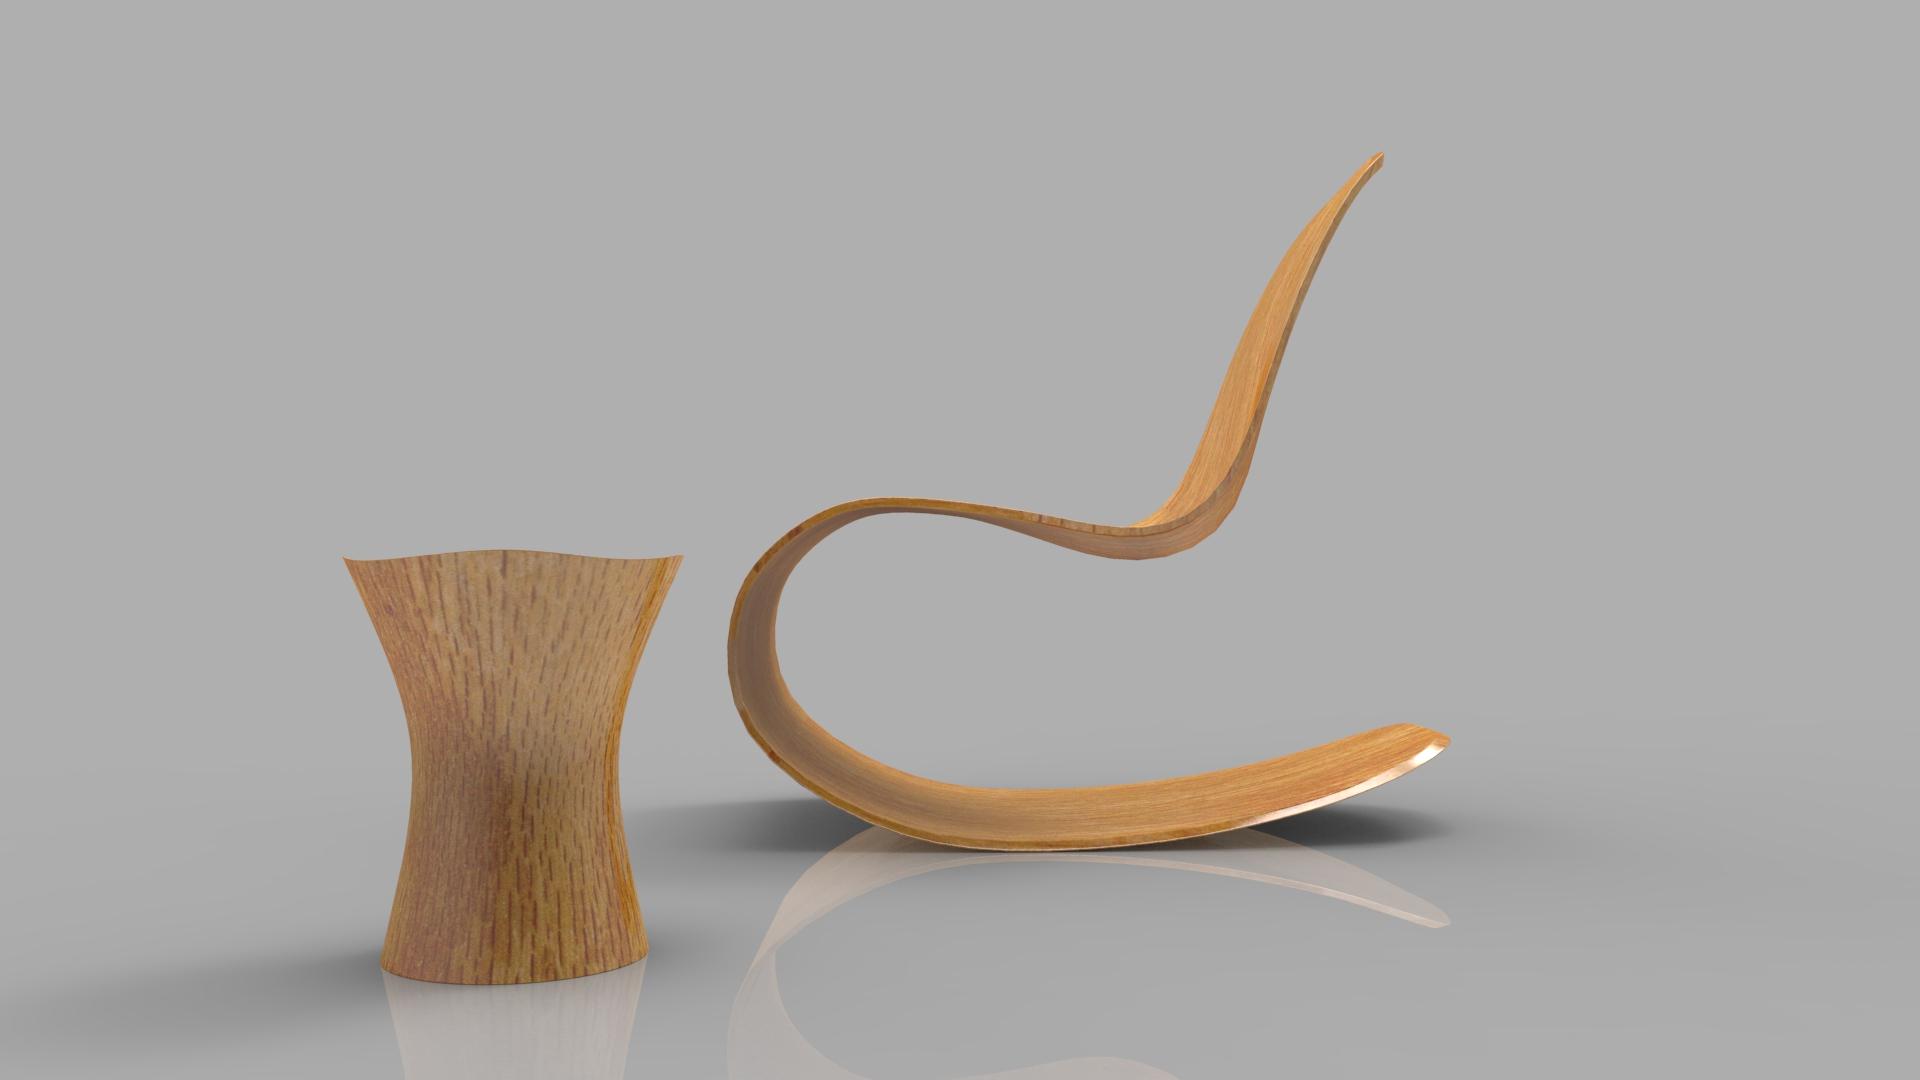 rocking wooden chair 3d model max fbx ma mb obj 286116